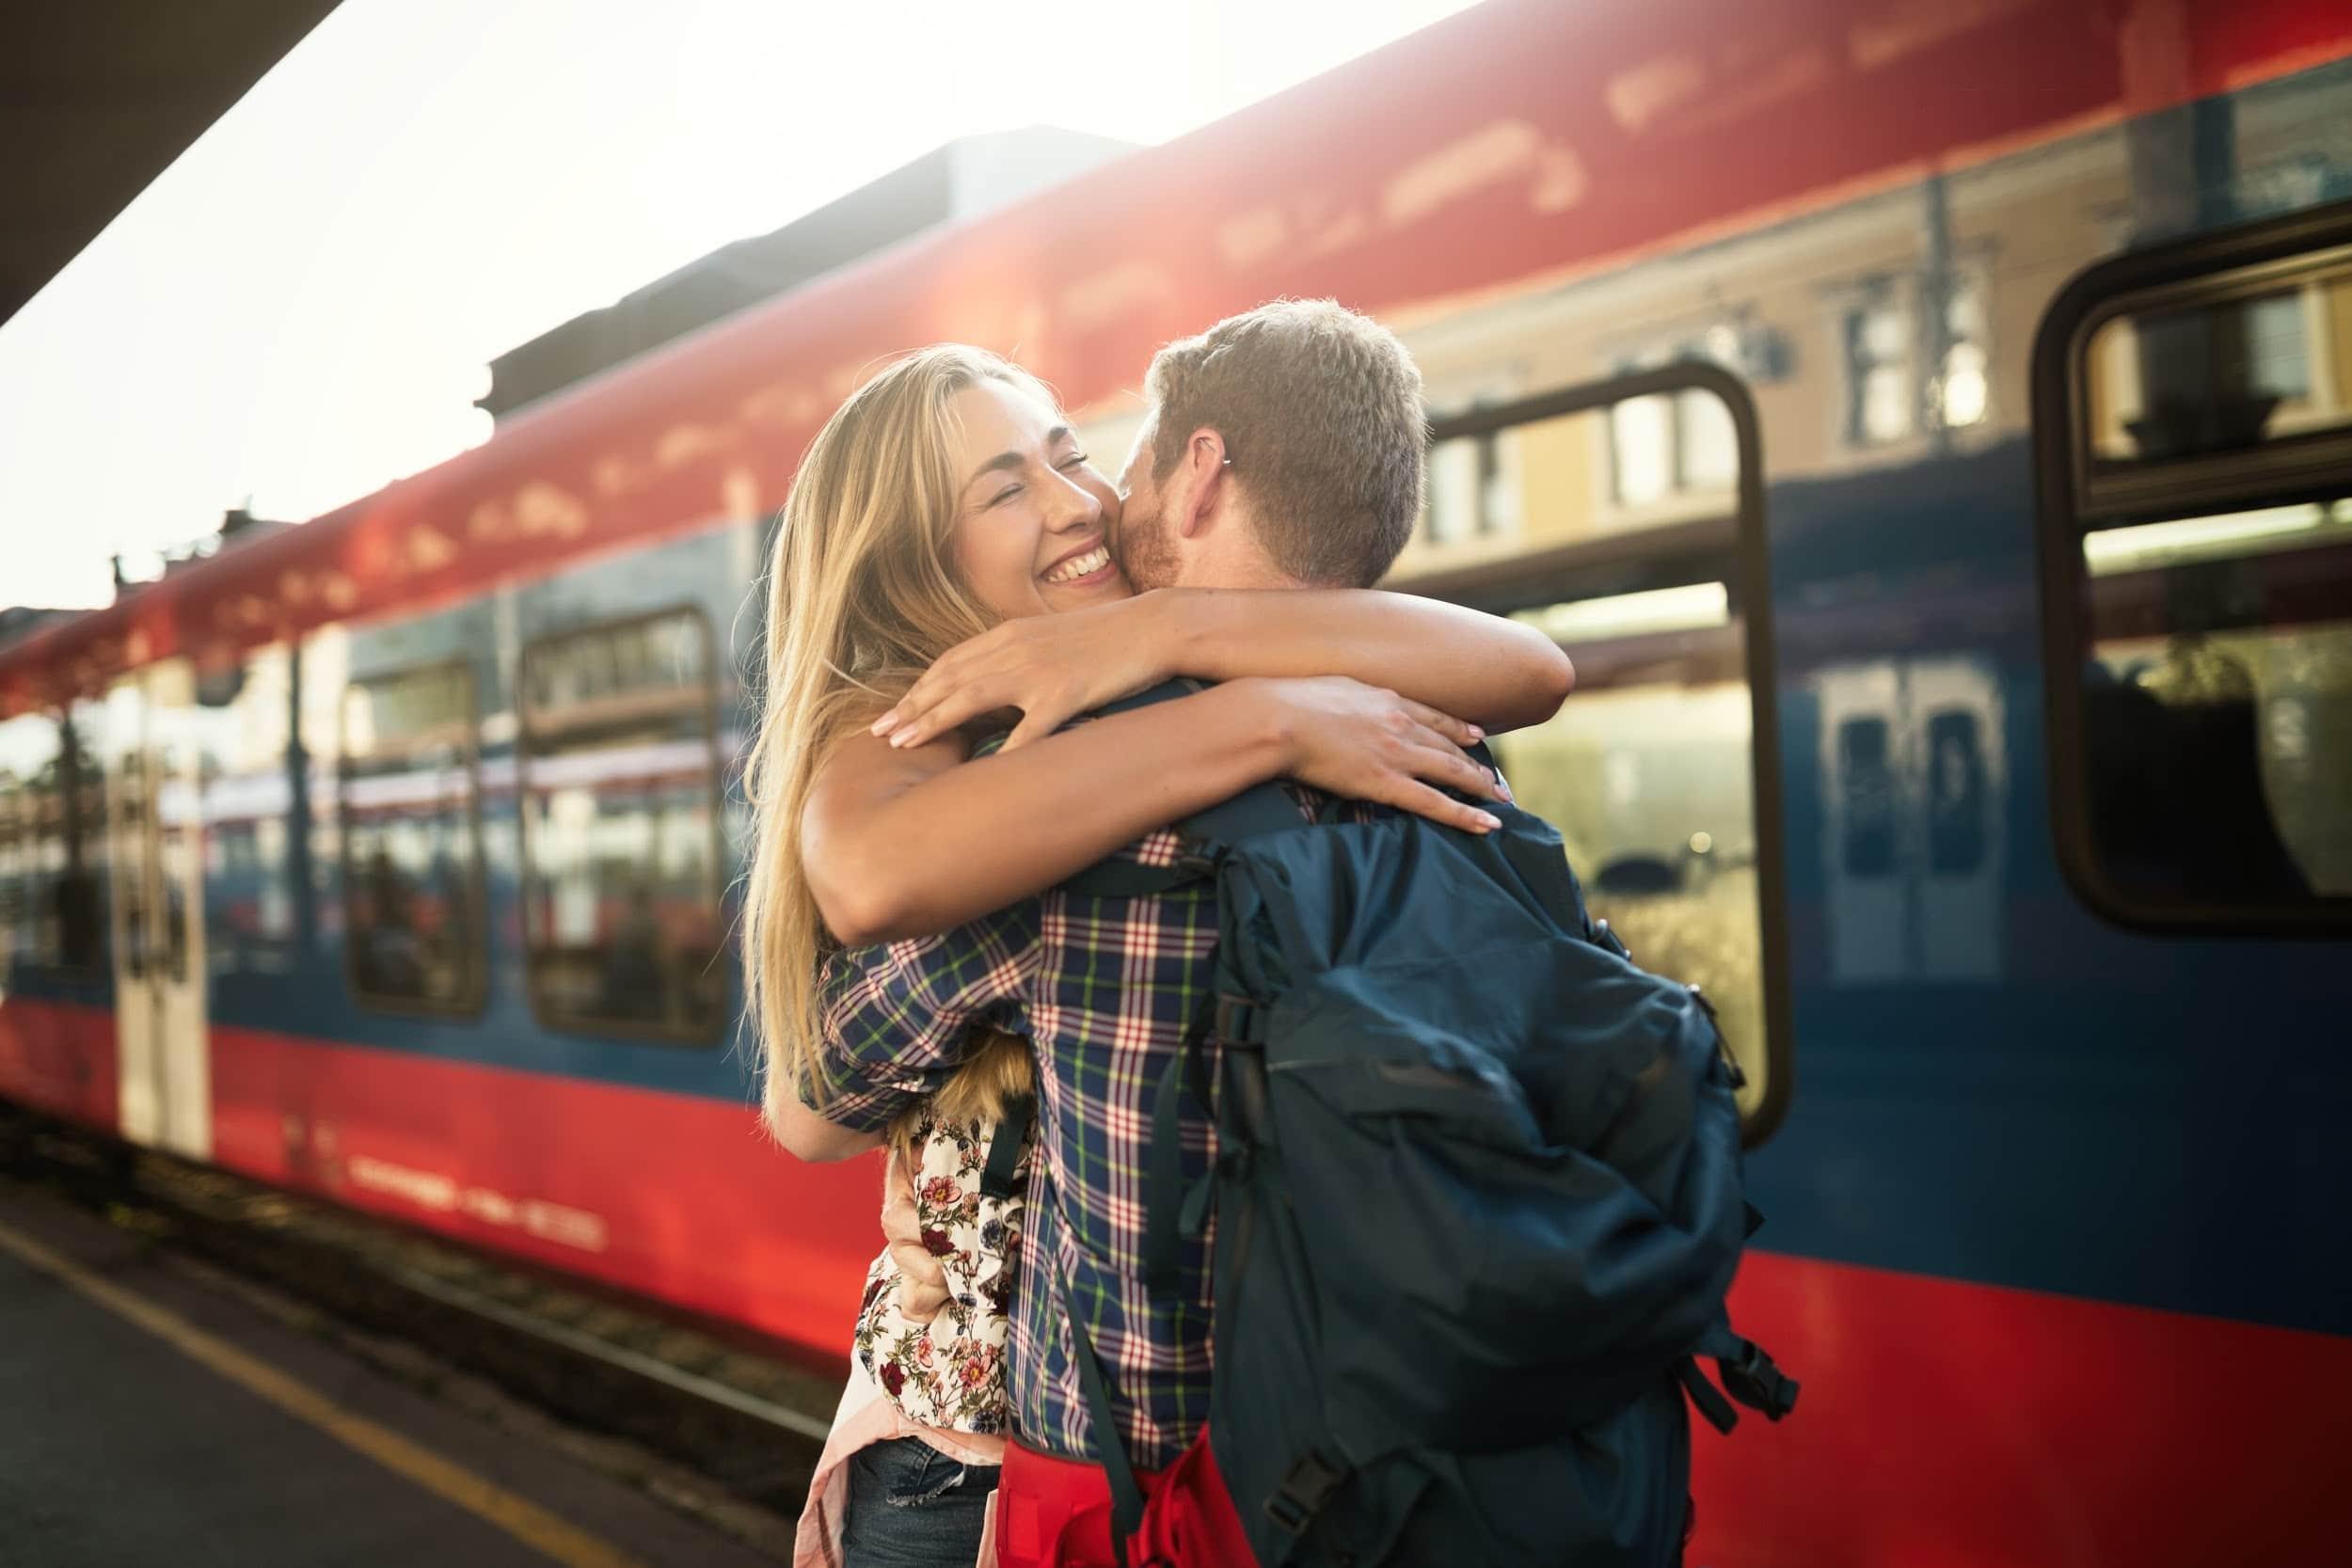 najlepsze miejsca do podróży, aby się podłączyć najlepsze azjatyckie strony randkowe